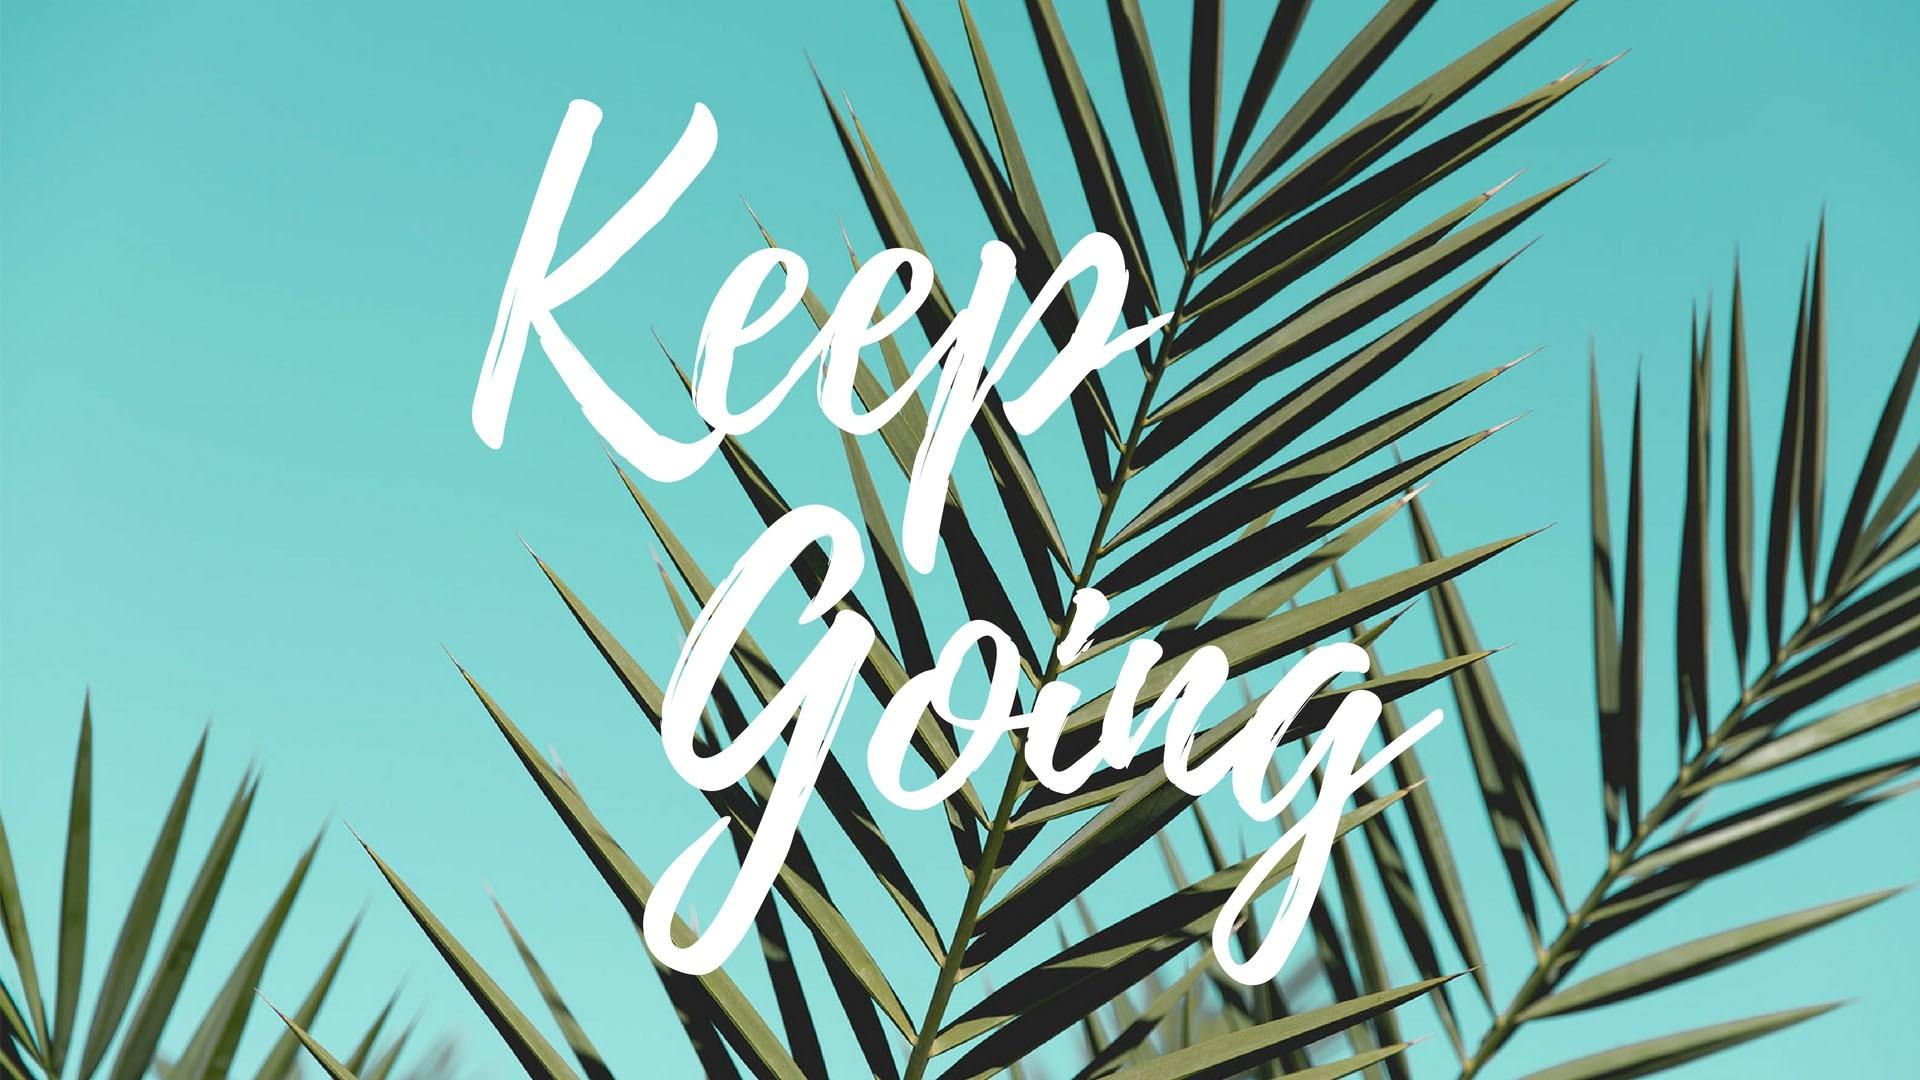 keep going wallpaper 72035